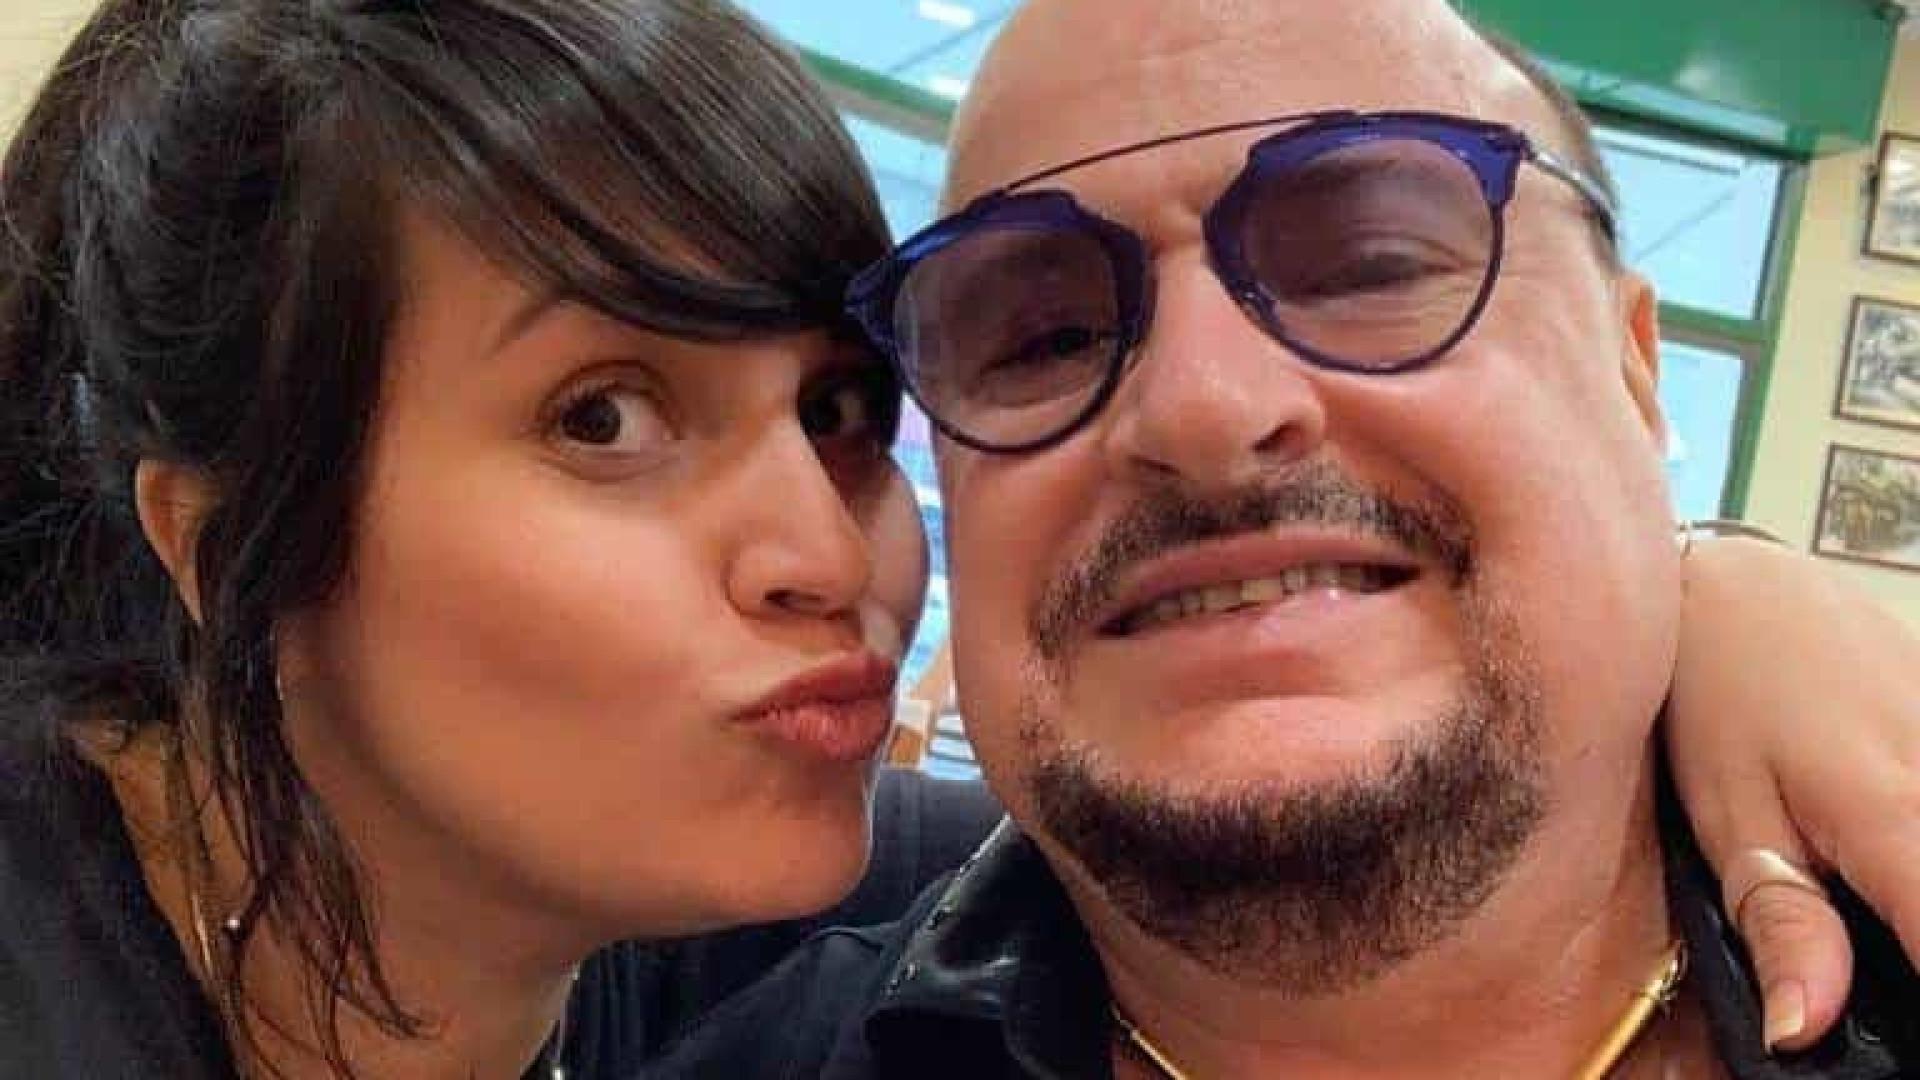 'Nos encontraremos', diz filha do Paulinho, vocalista do Roupa Nova, ao lamentar morte do pai